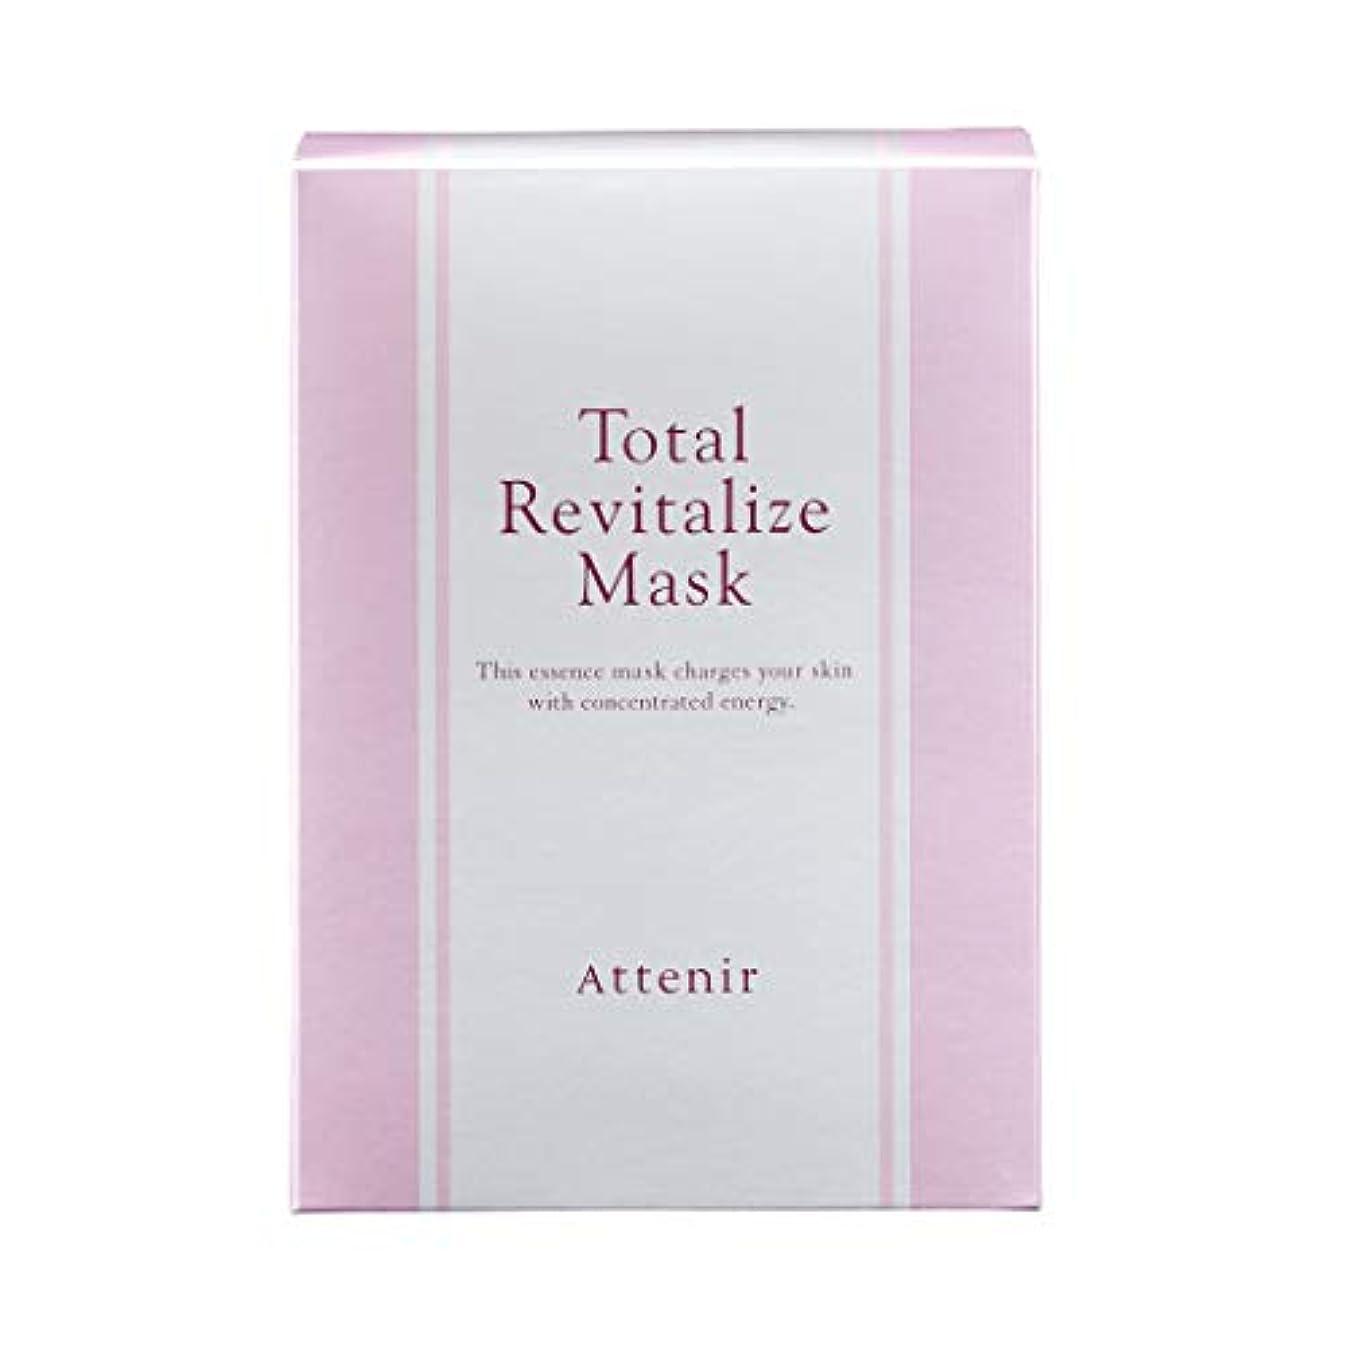 受け入れたブロー締め切りアテニア トータルリヴァイタライズ マスク肌疲労ケアシートマスク 全顔用 6包入り